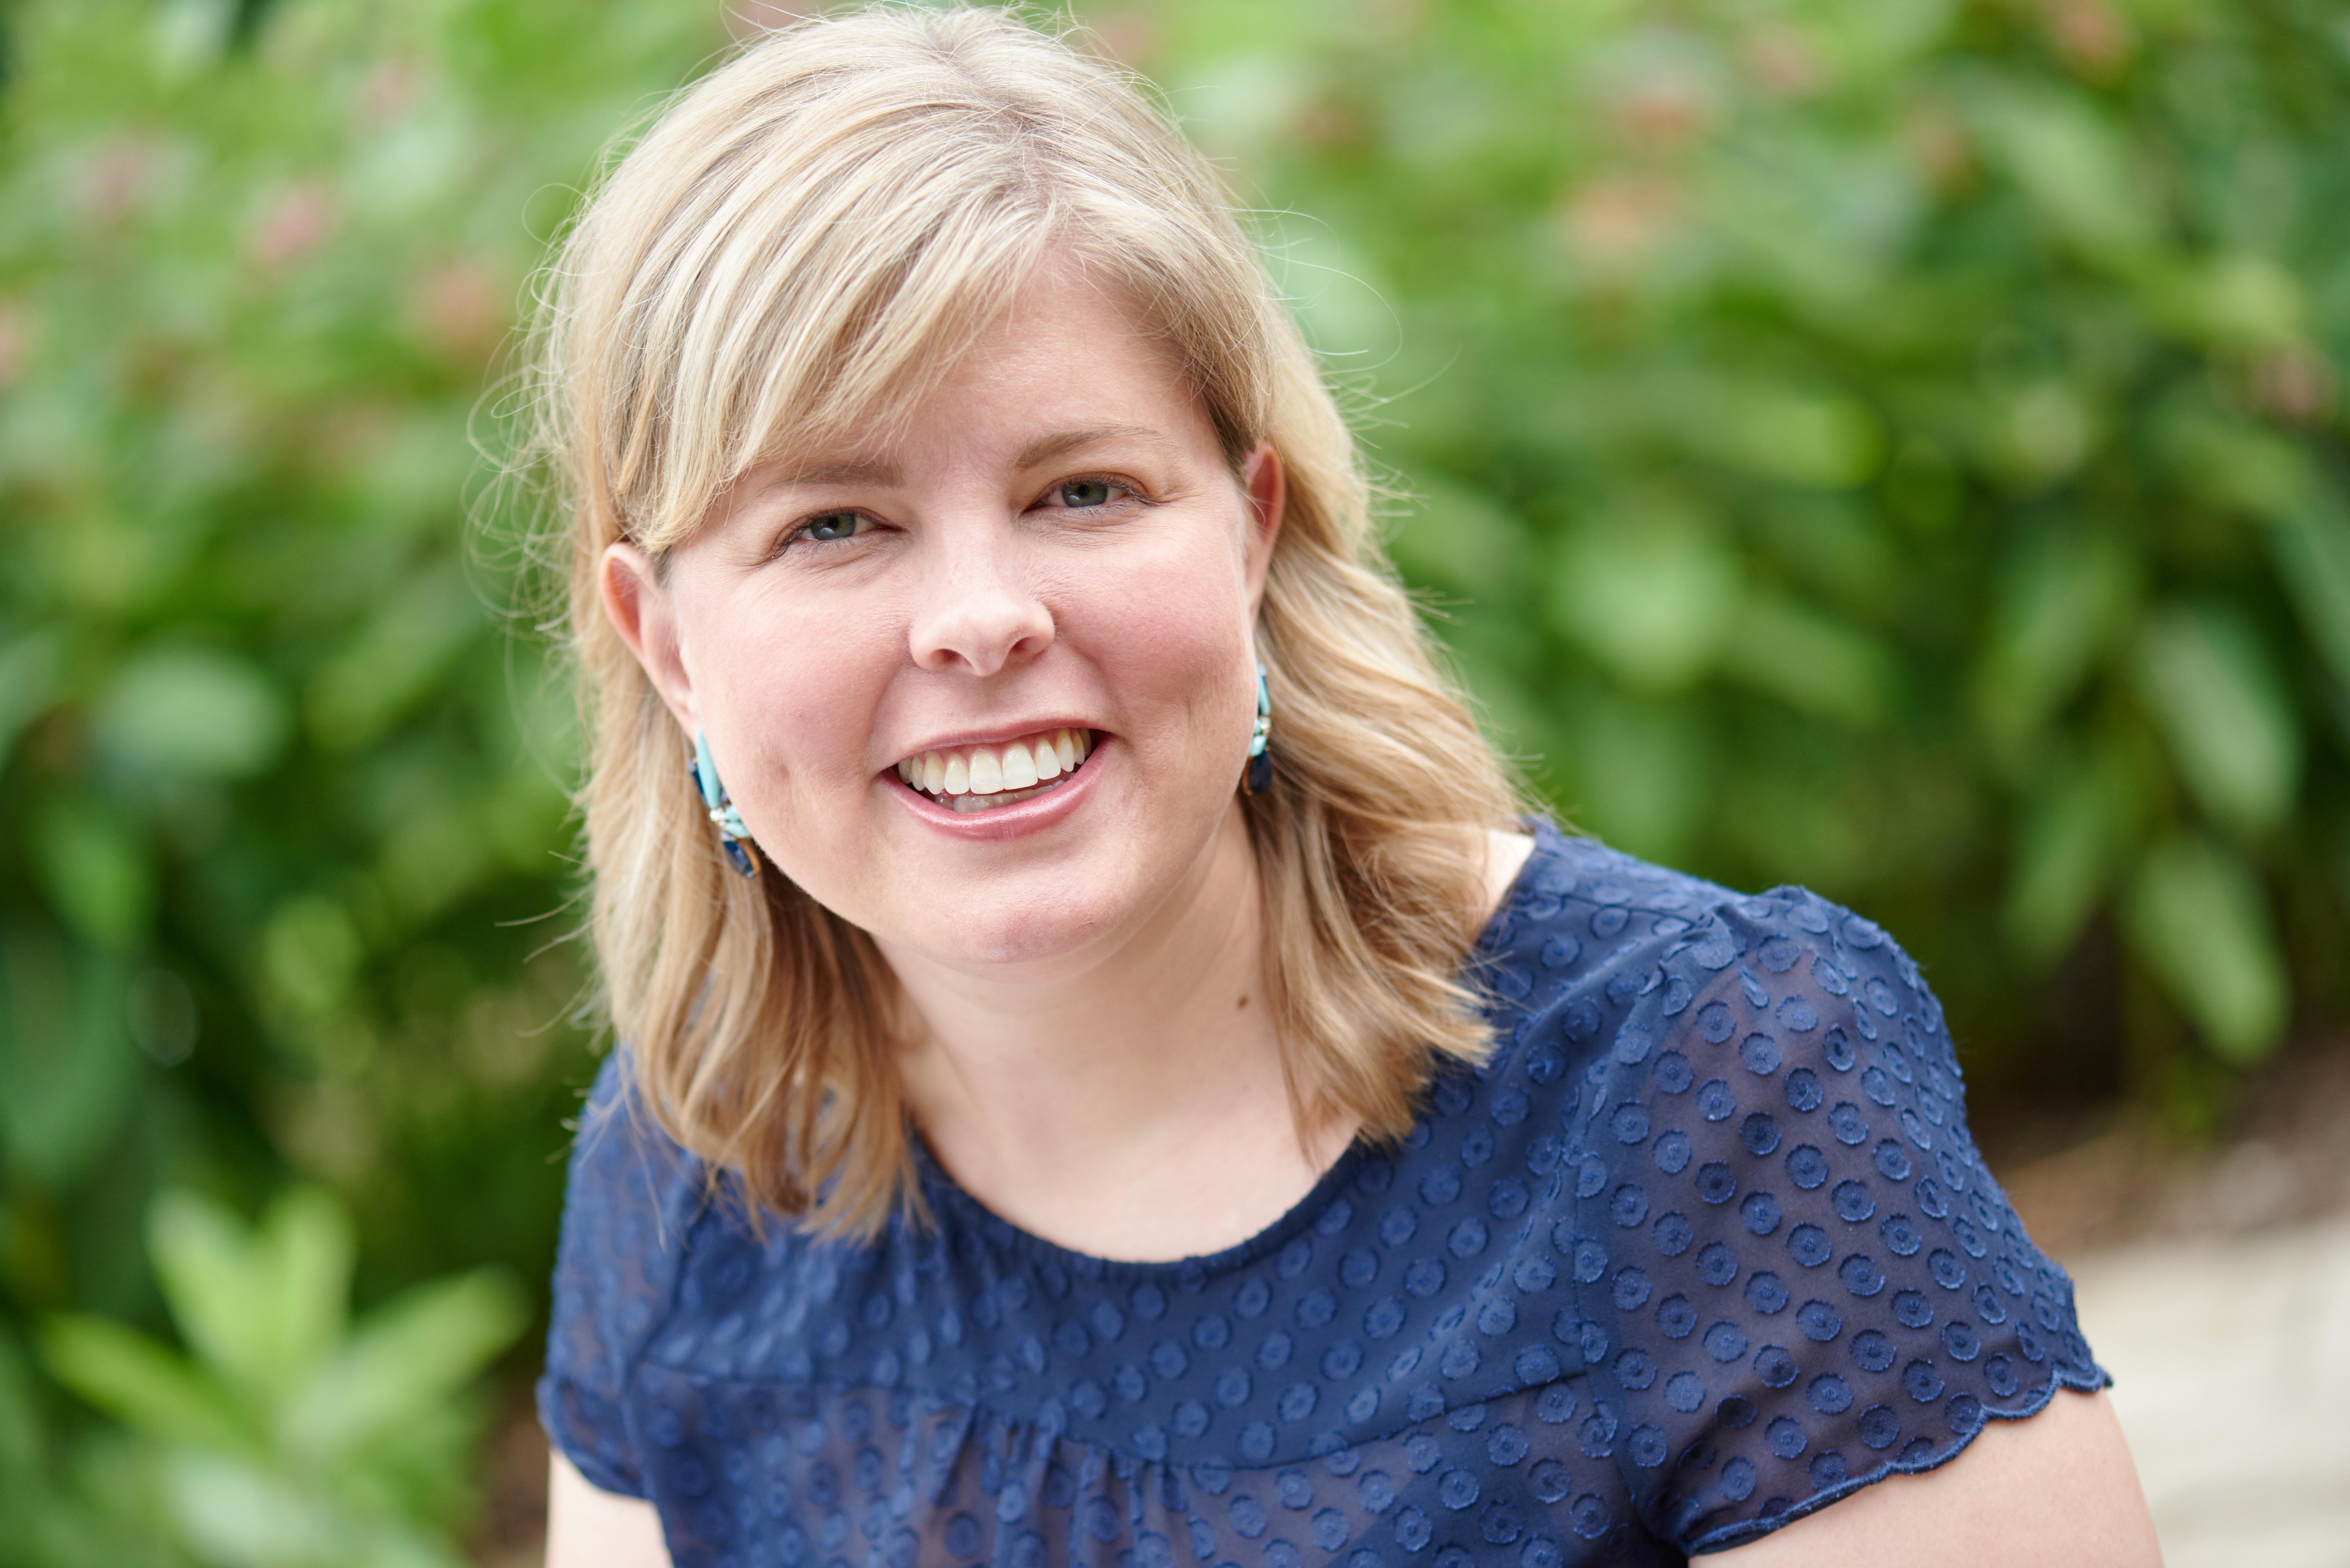 Jennifer Maschari photo